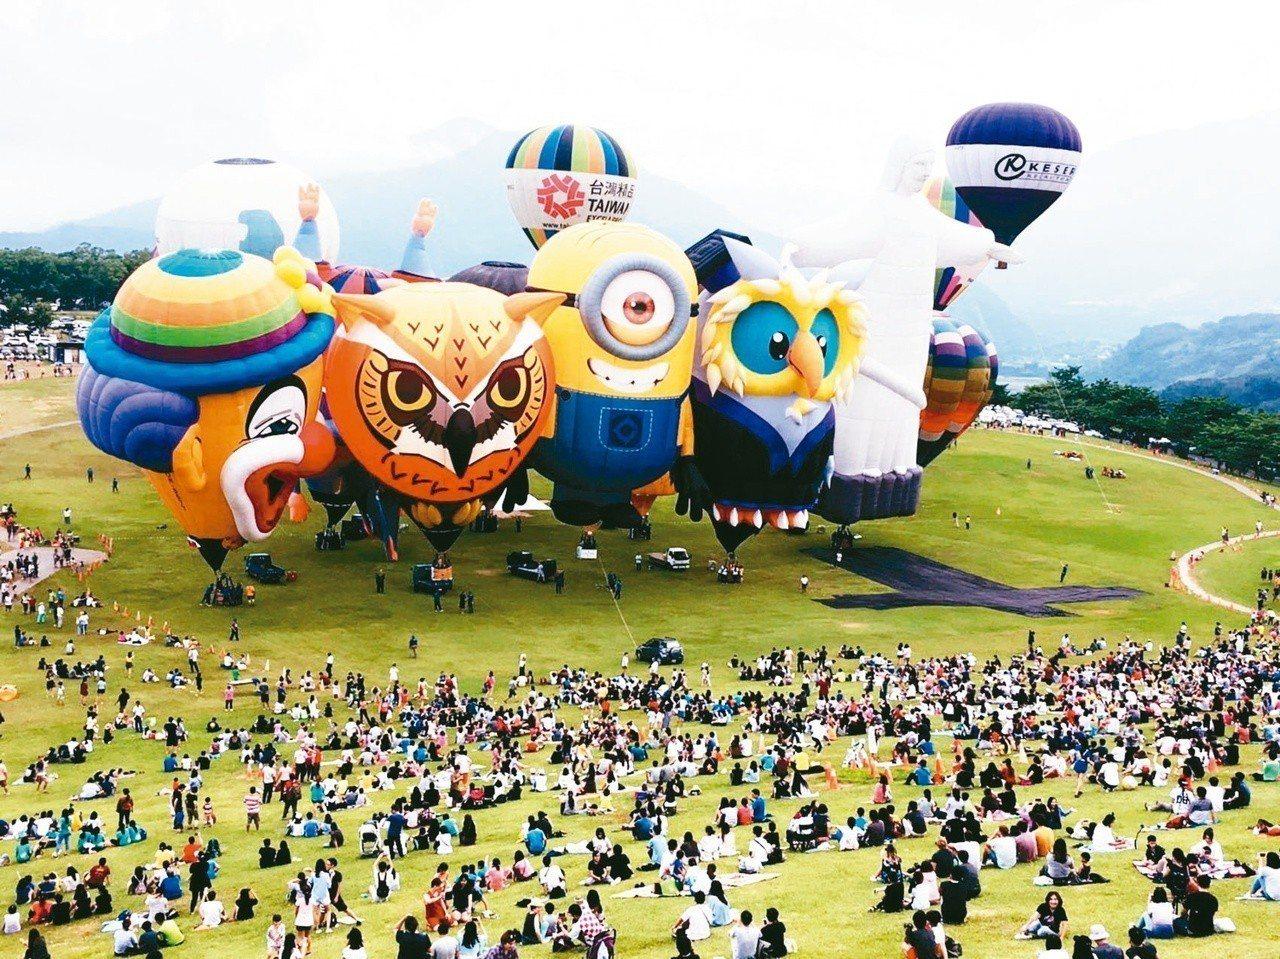 台東縣近五年來積極發展觀光旅遊,熱氣球帶動觀光人潮。 圖/聯合報系資料照片